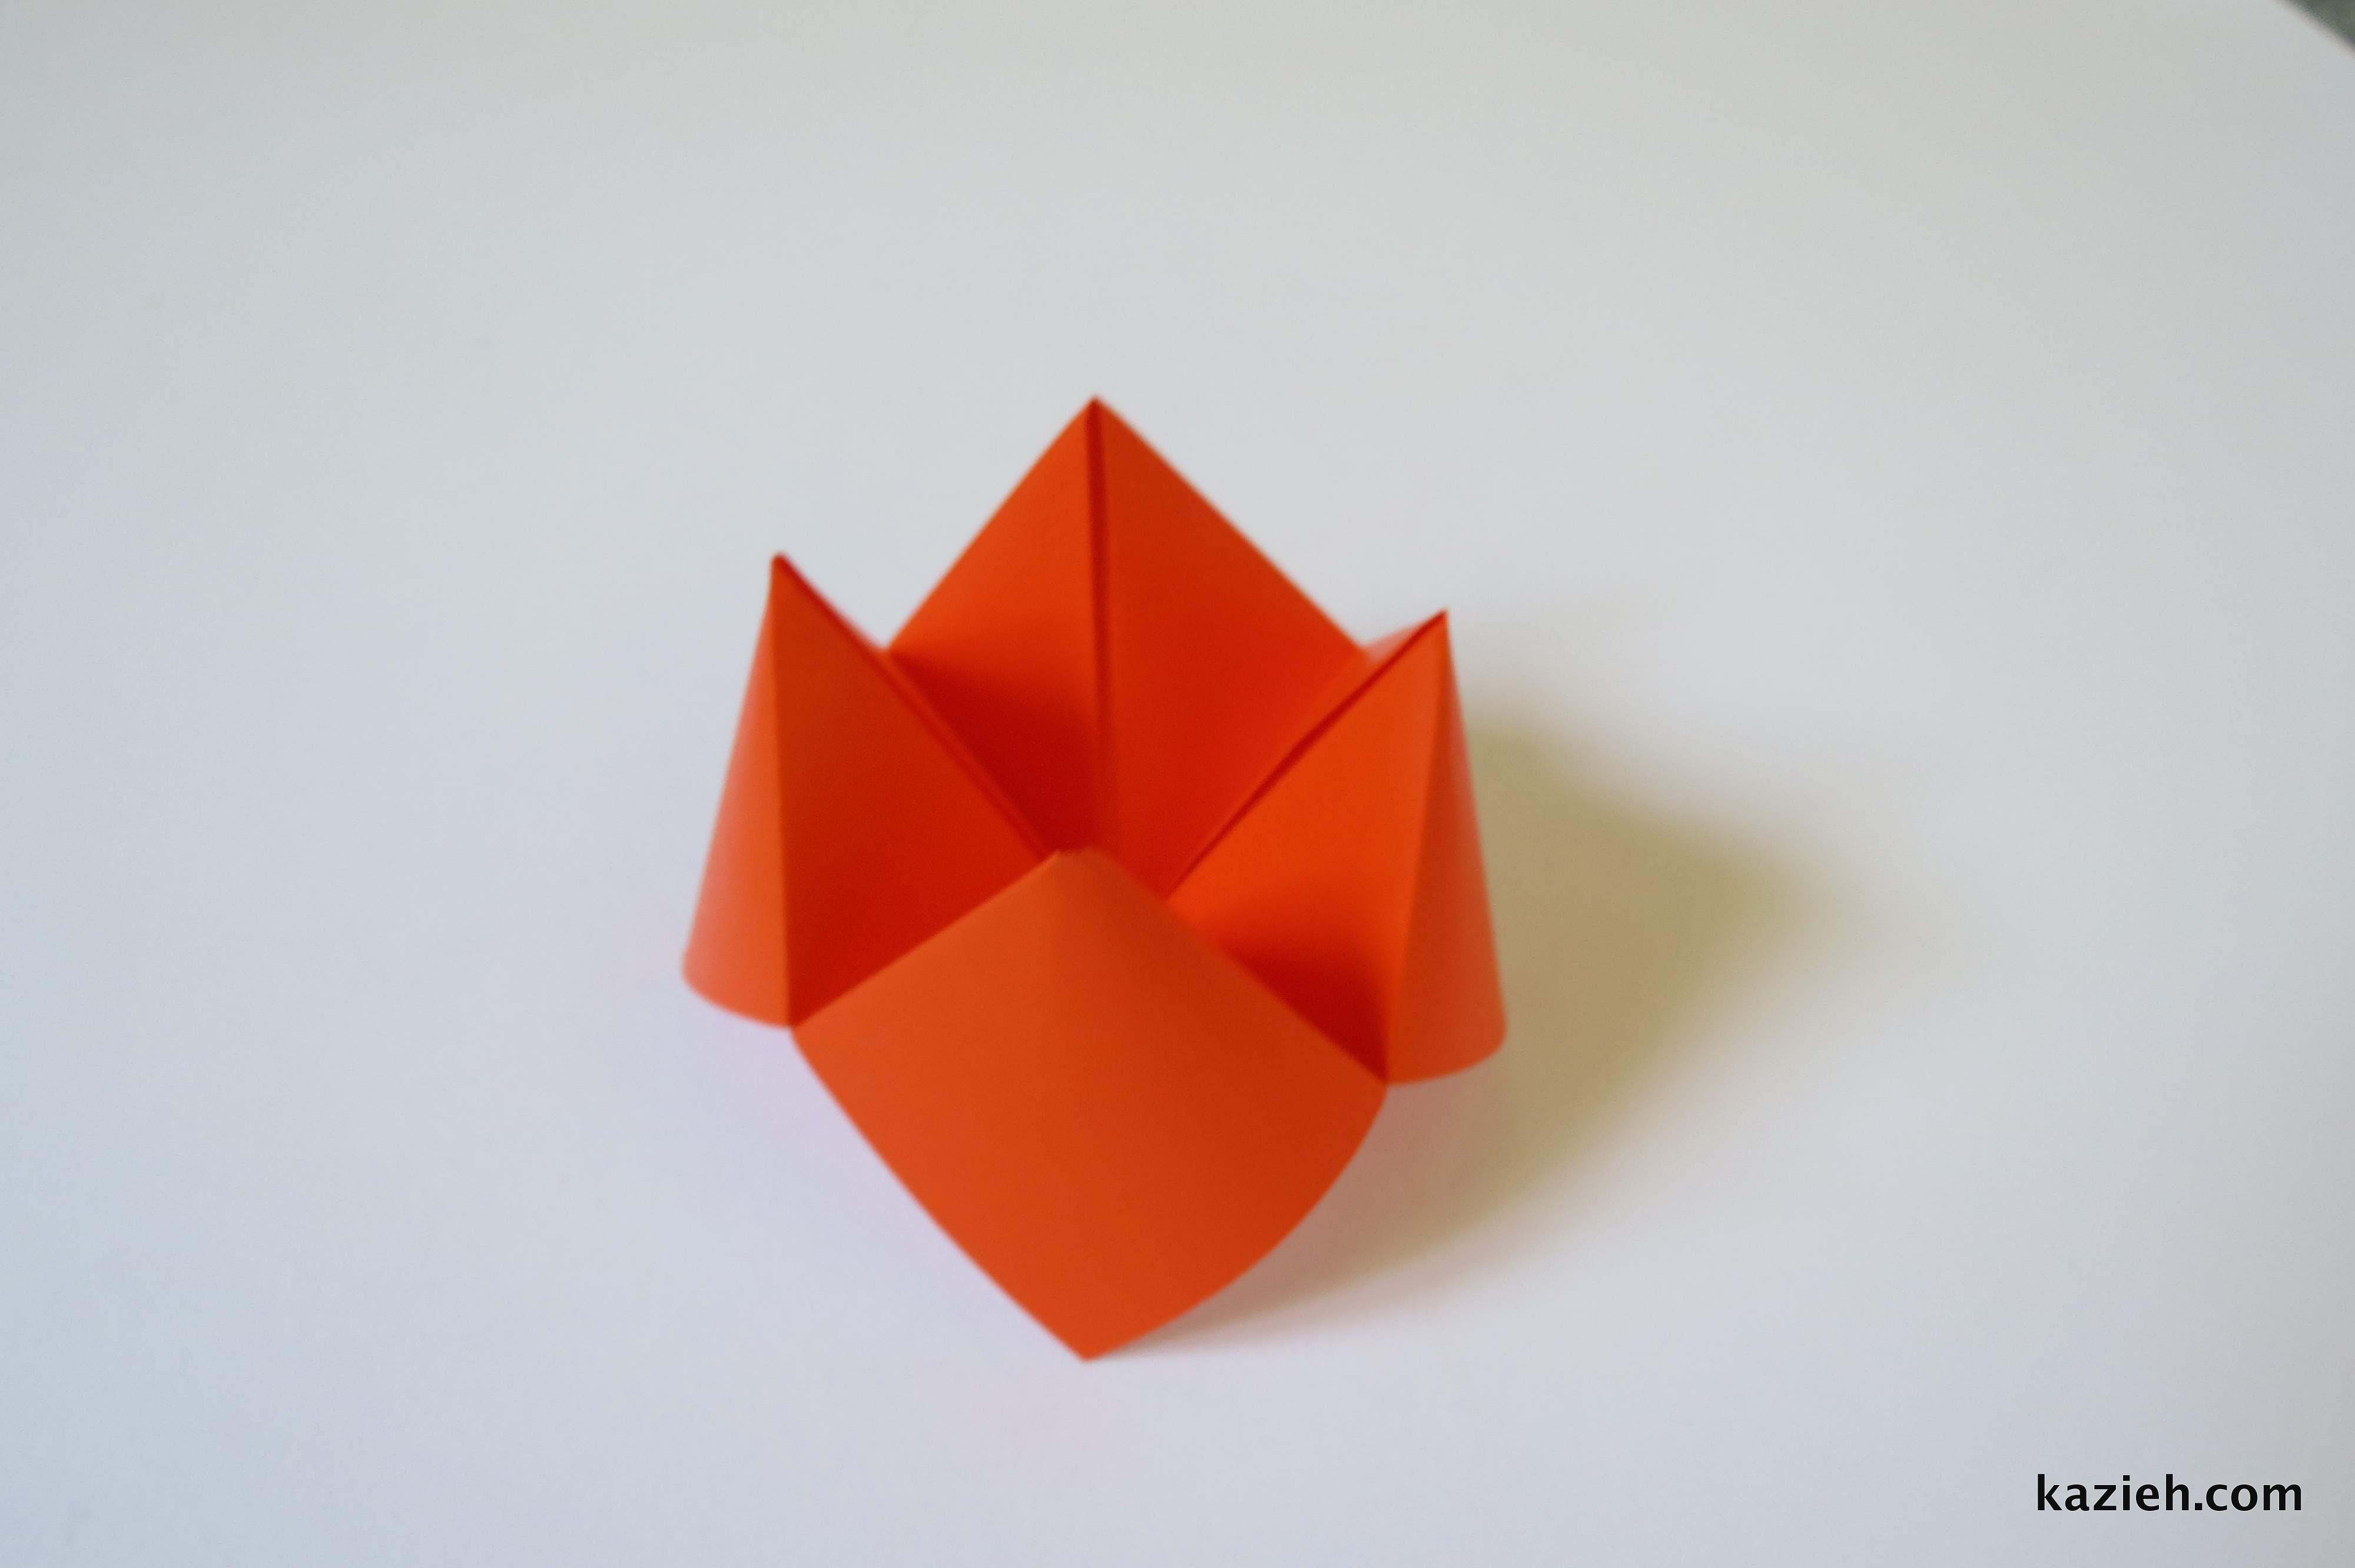 آموزش فالگیر اوریگامی - کازیه